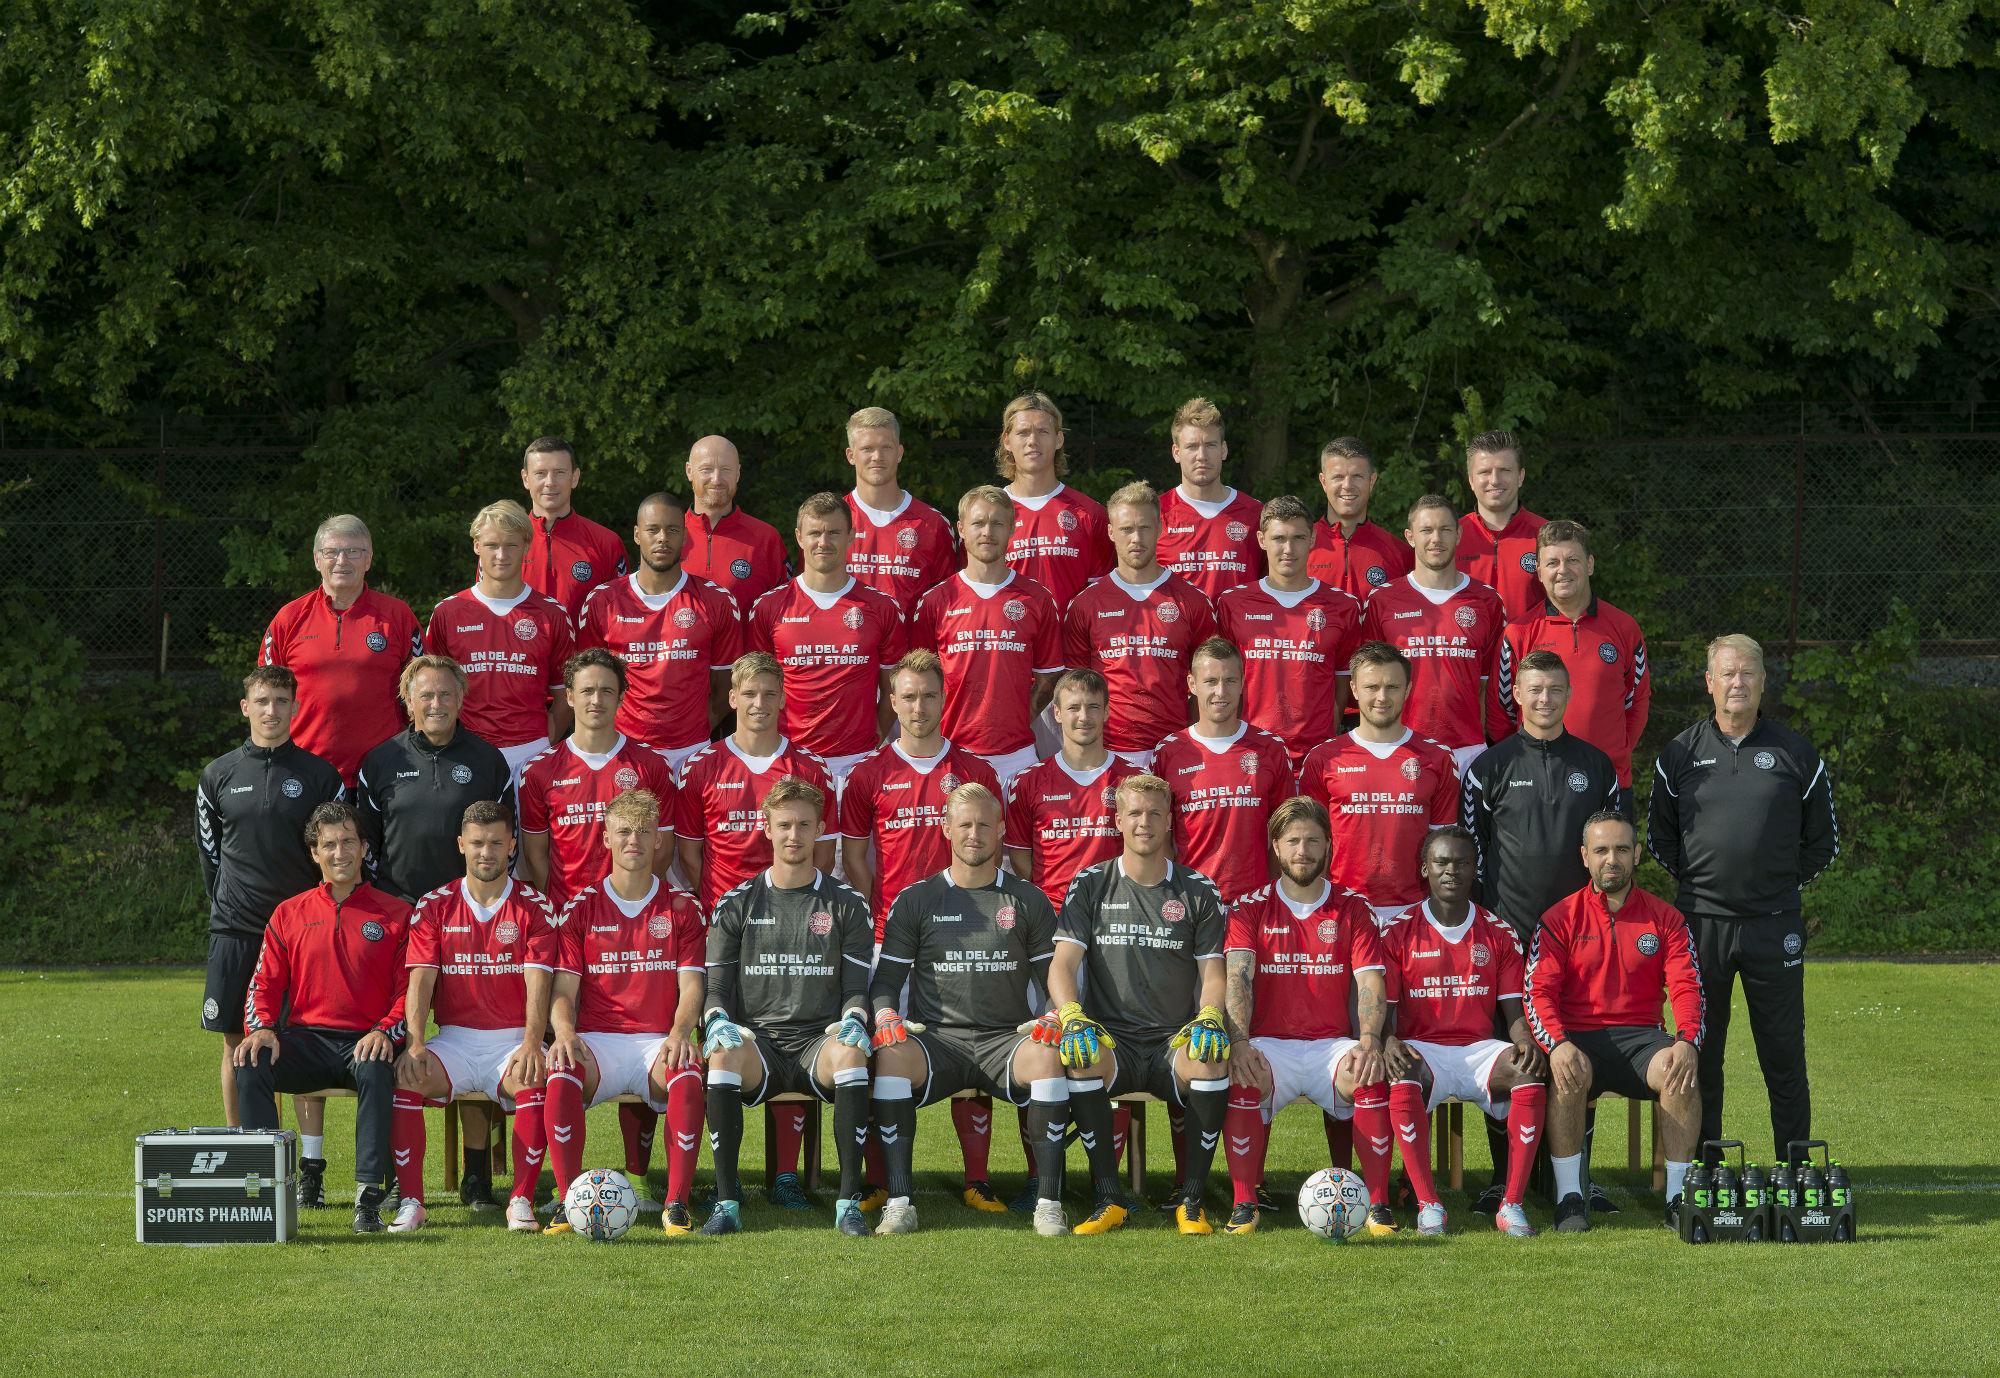 丹麦队23人名单公布:埃里克森领衔,本特纳因伤落选